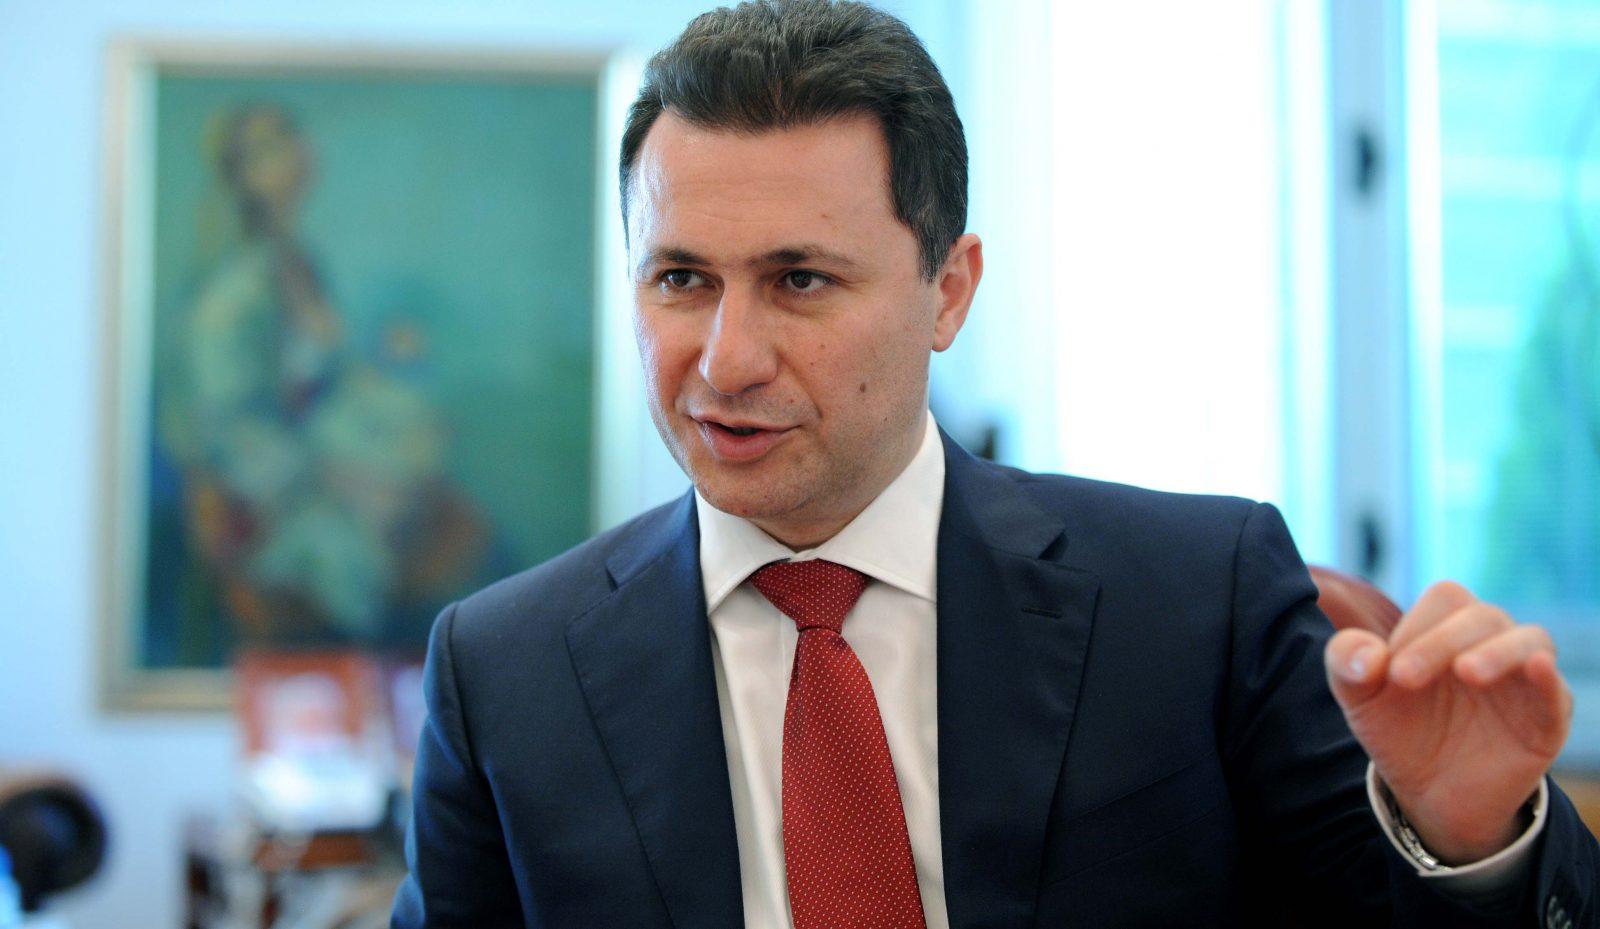 gruevski-predupredi-na-opasnosta-bez-61-pratenik-ke-ima-loshi-raboti-i-makedonija-ke-bide-ucenuvana